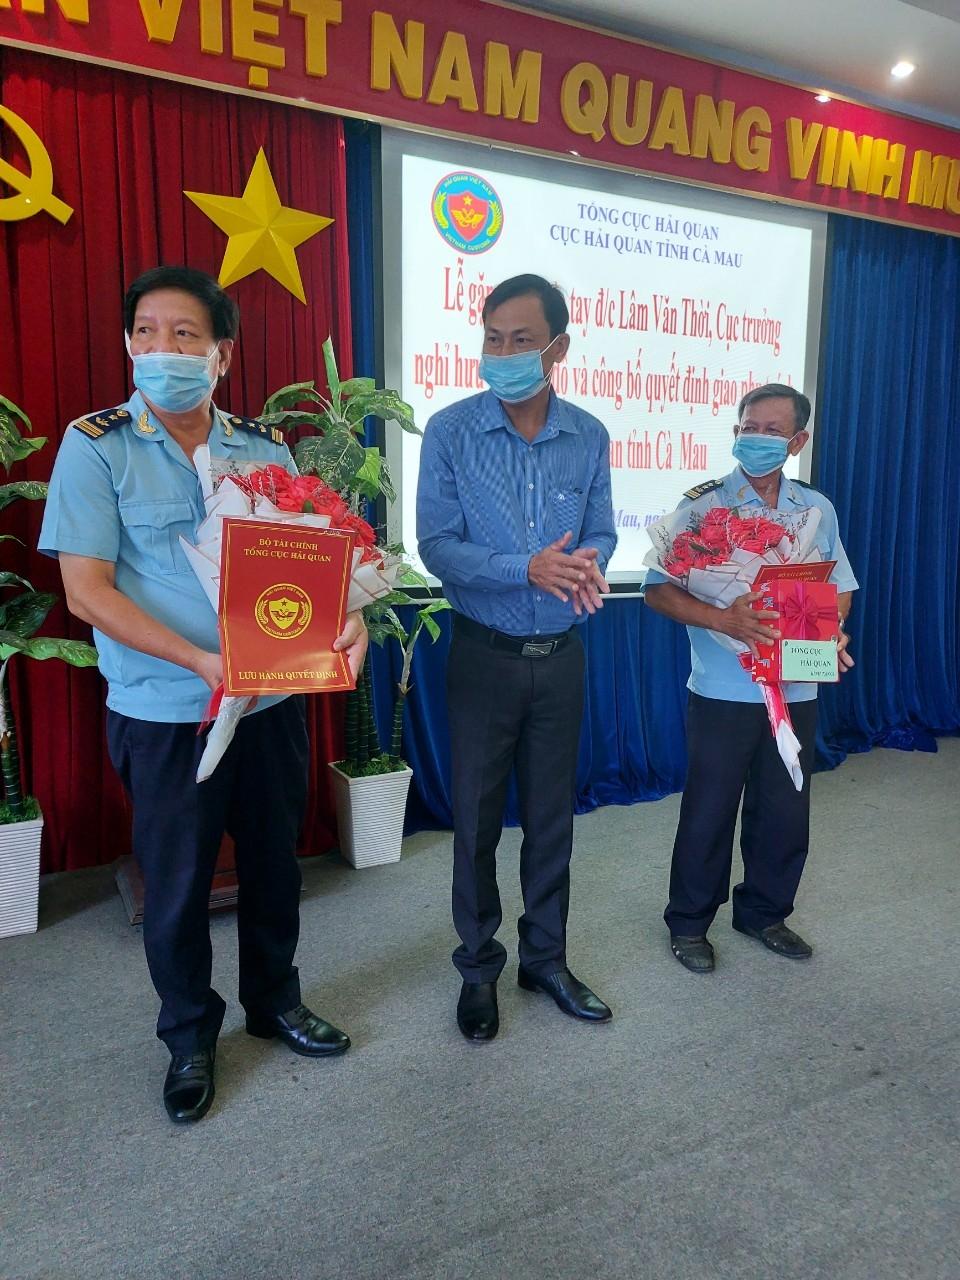 Ông Lương Trọng Quyền, Phó Trưởng ban thường trực Ban Tổ chức Tỉnh ủy trao quyết định cho ông Lâm Văn Thời và ông Nguyễn Minh Chiếm